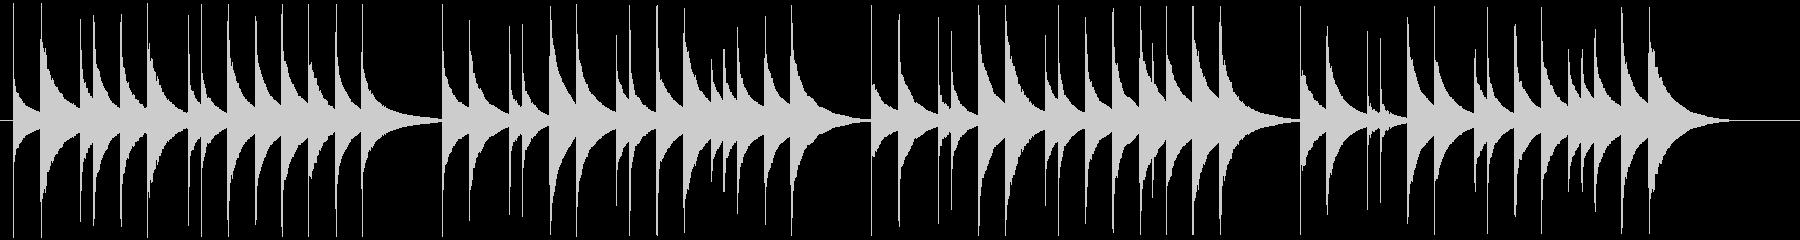 蛍の光のオルゴールの未再生の波形